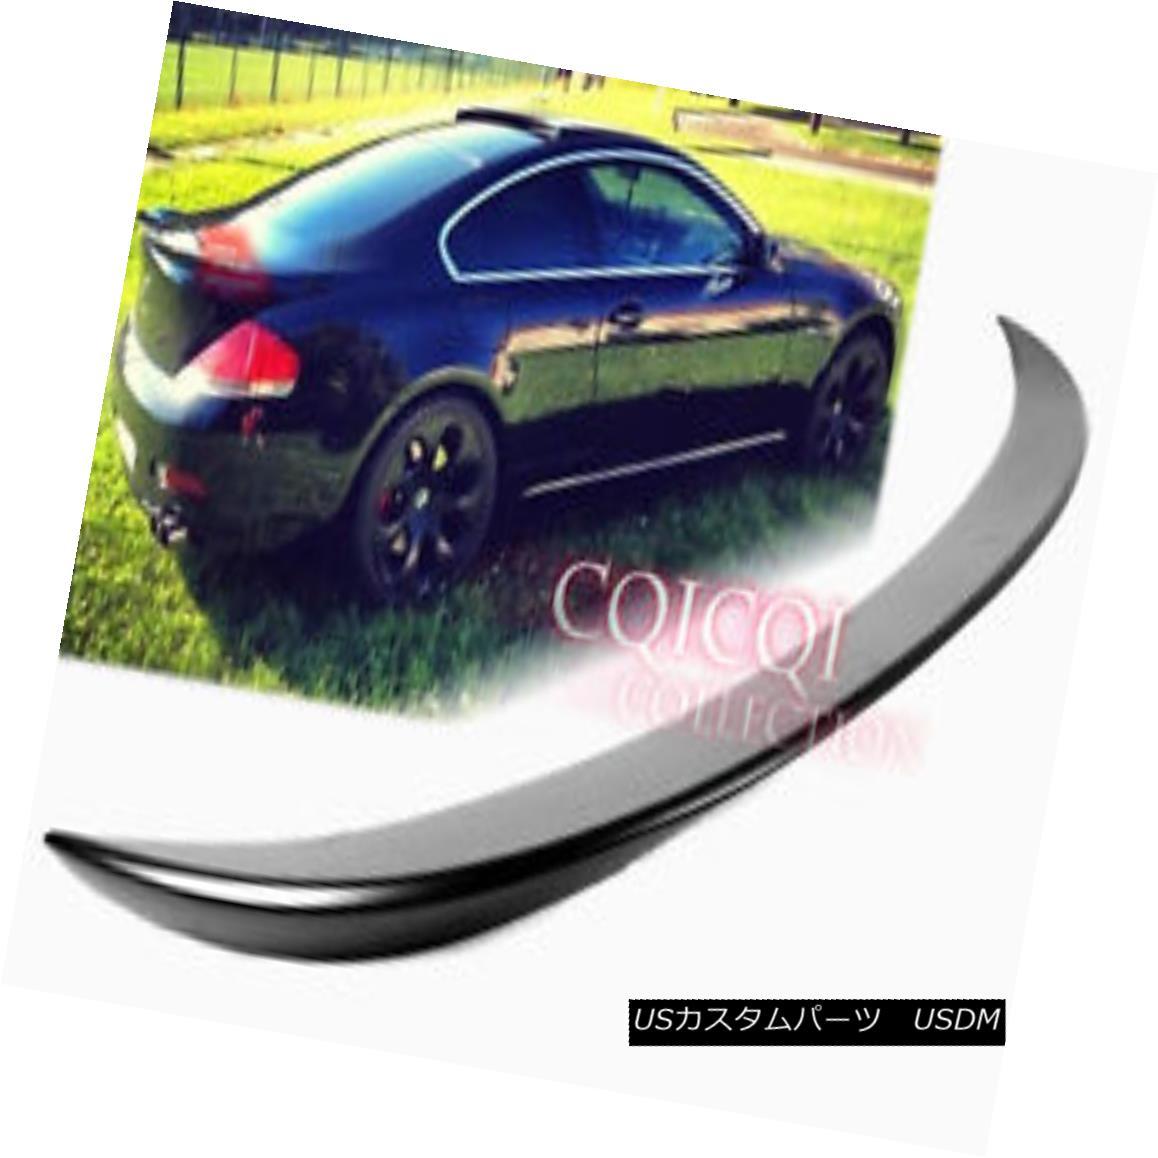 エアロパーツ Painted BMW 04~08 E63 6-series coupe V type trunk spoiler color: 668 black ◎ ペイントされたBMW 04?08 E63 6シリーズクーペV型トランクスポイラーカラー:668黒?